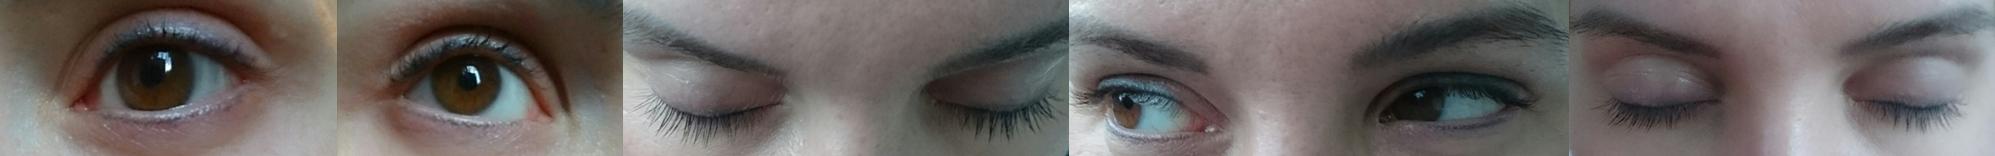 Bild 1 und 2 Wimpern vorher ungeschminkt, Nahaufnahme; Bild 3,4,5 nach 6Wochen, ungeschminkt, Nahaufnahme